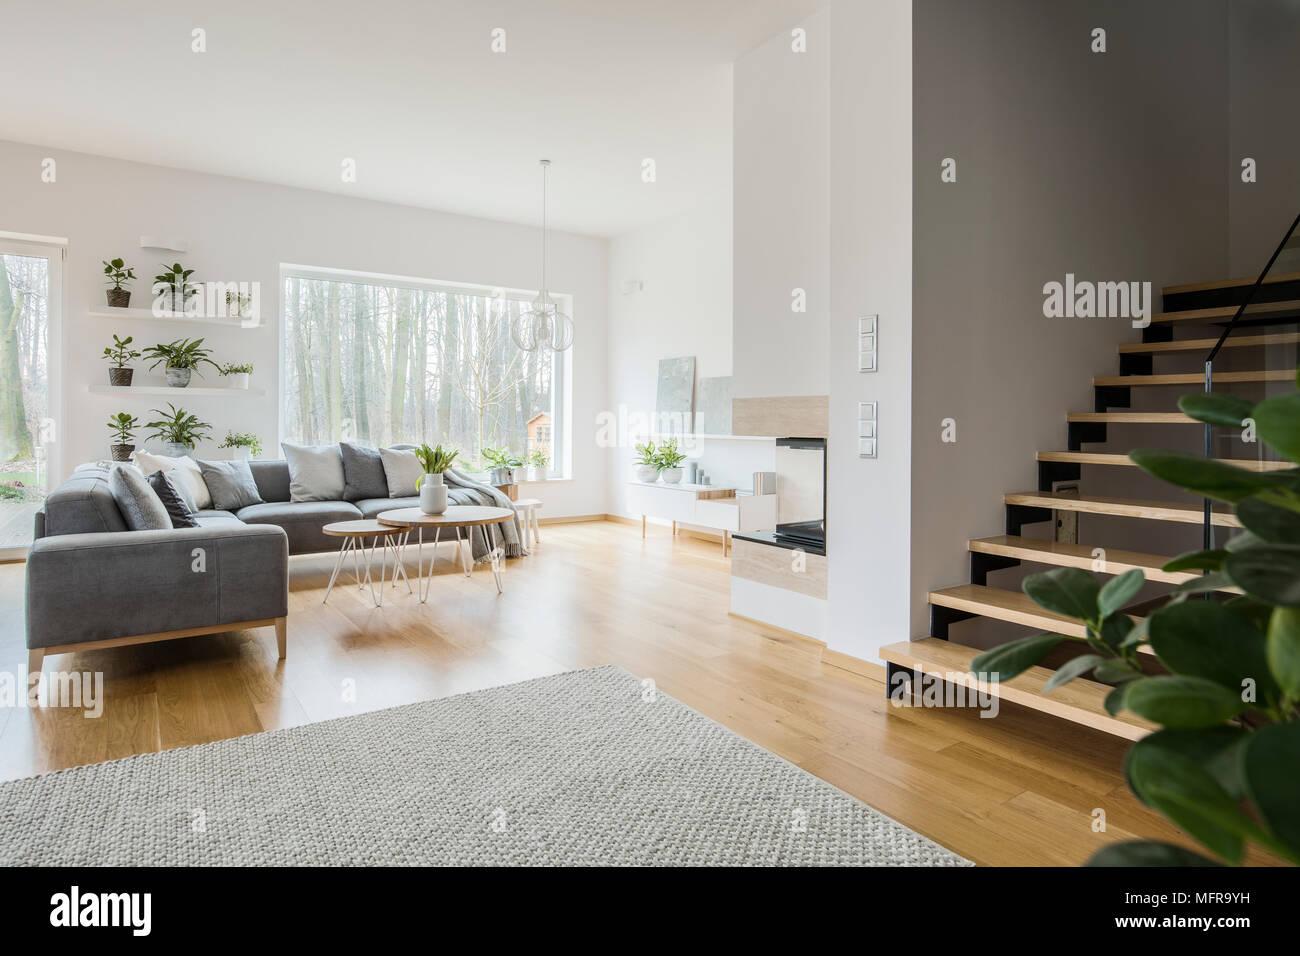 Weiss Wohnzimmer Interieur Mit Graue Eckcouch Frische Grune Pflanzen